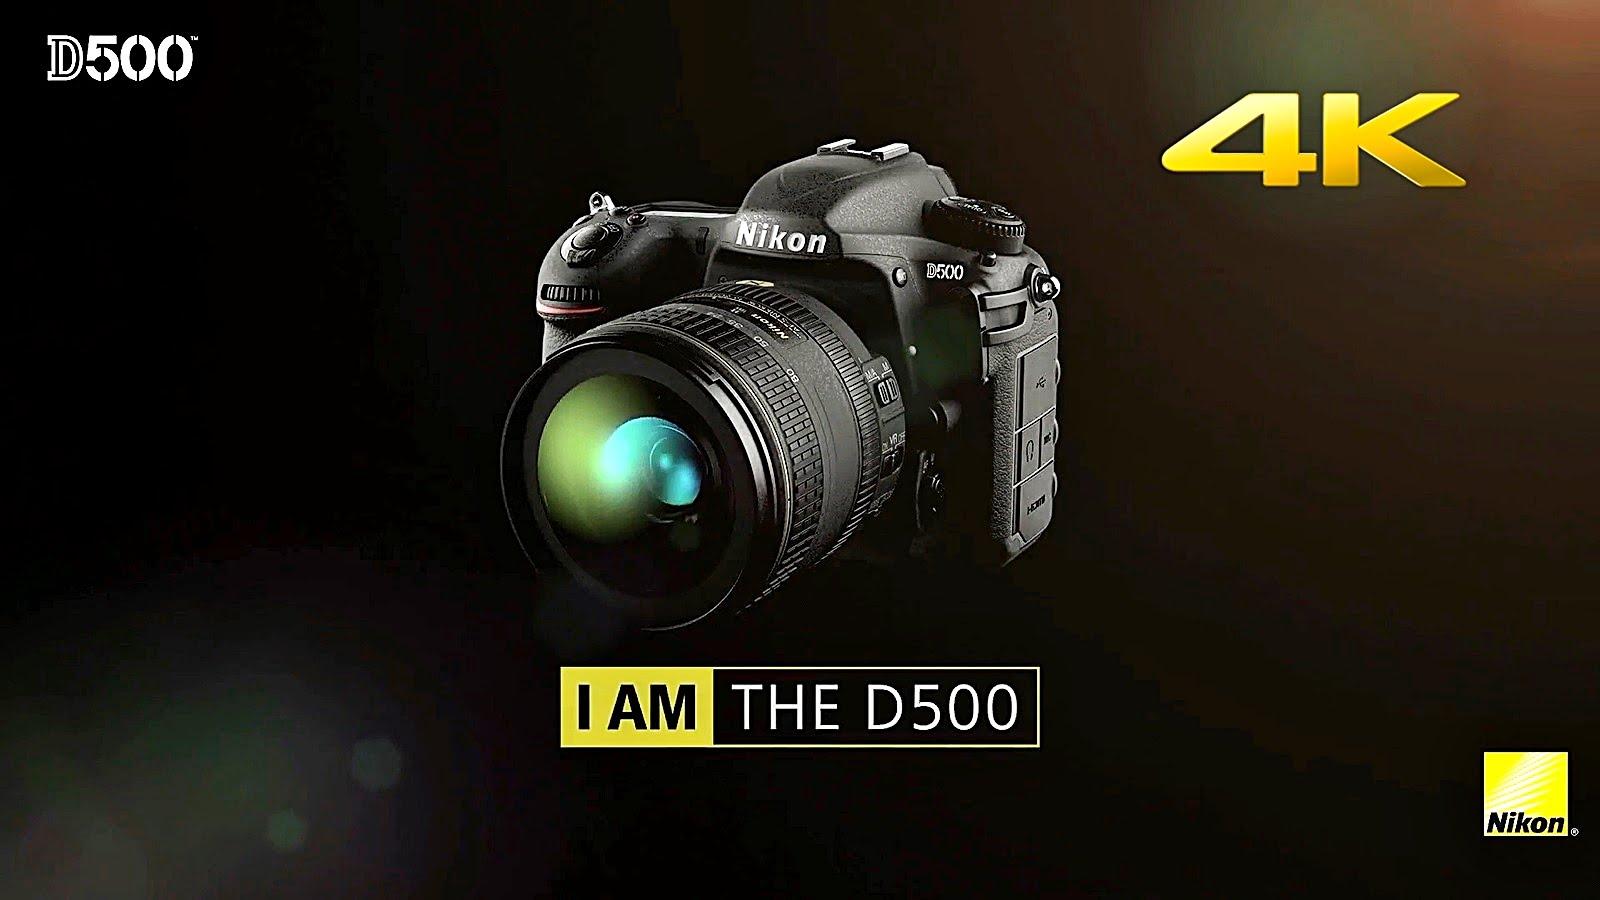 Nikon D500 Türkçe Kullanım Kılavuzu Yayınlandı